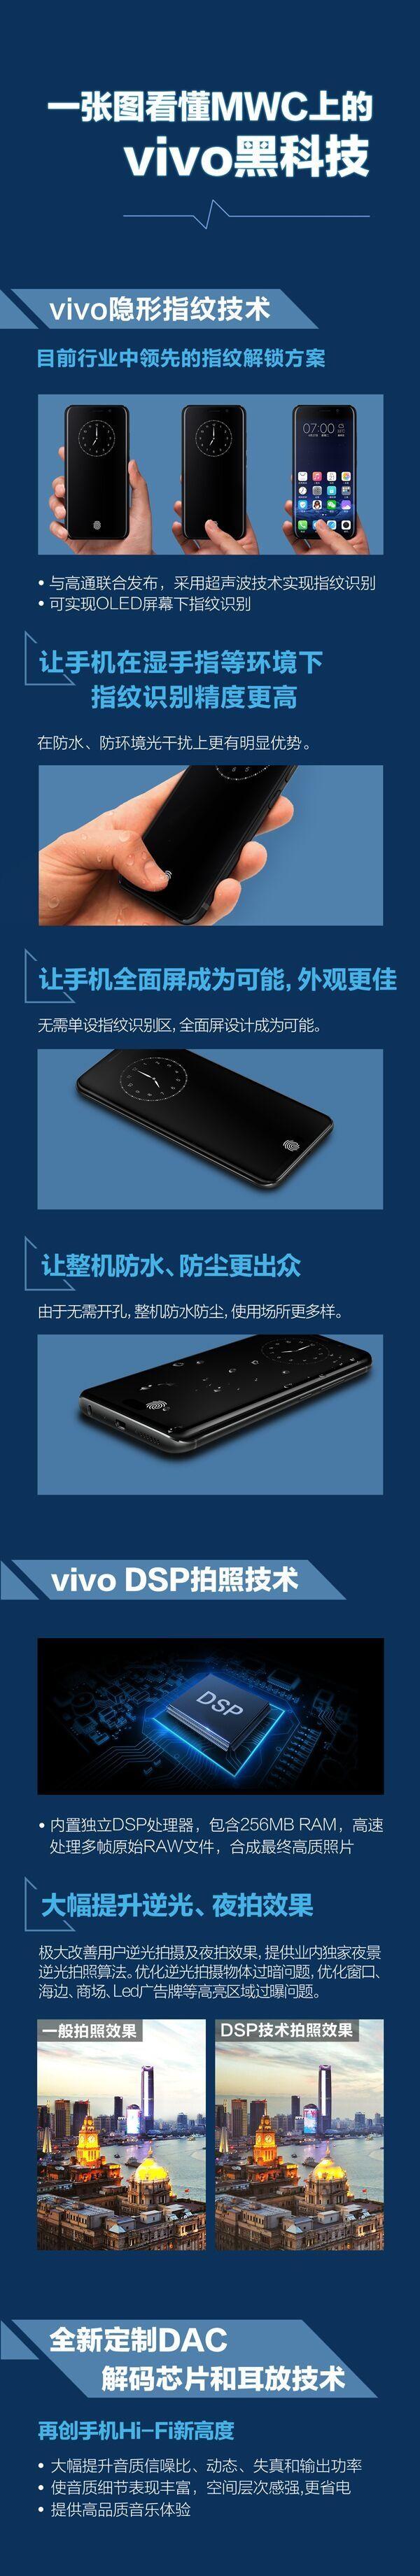 Vivo показала смартфон, где дисплей умеет распознавать отпечаток пальца – фото 4